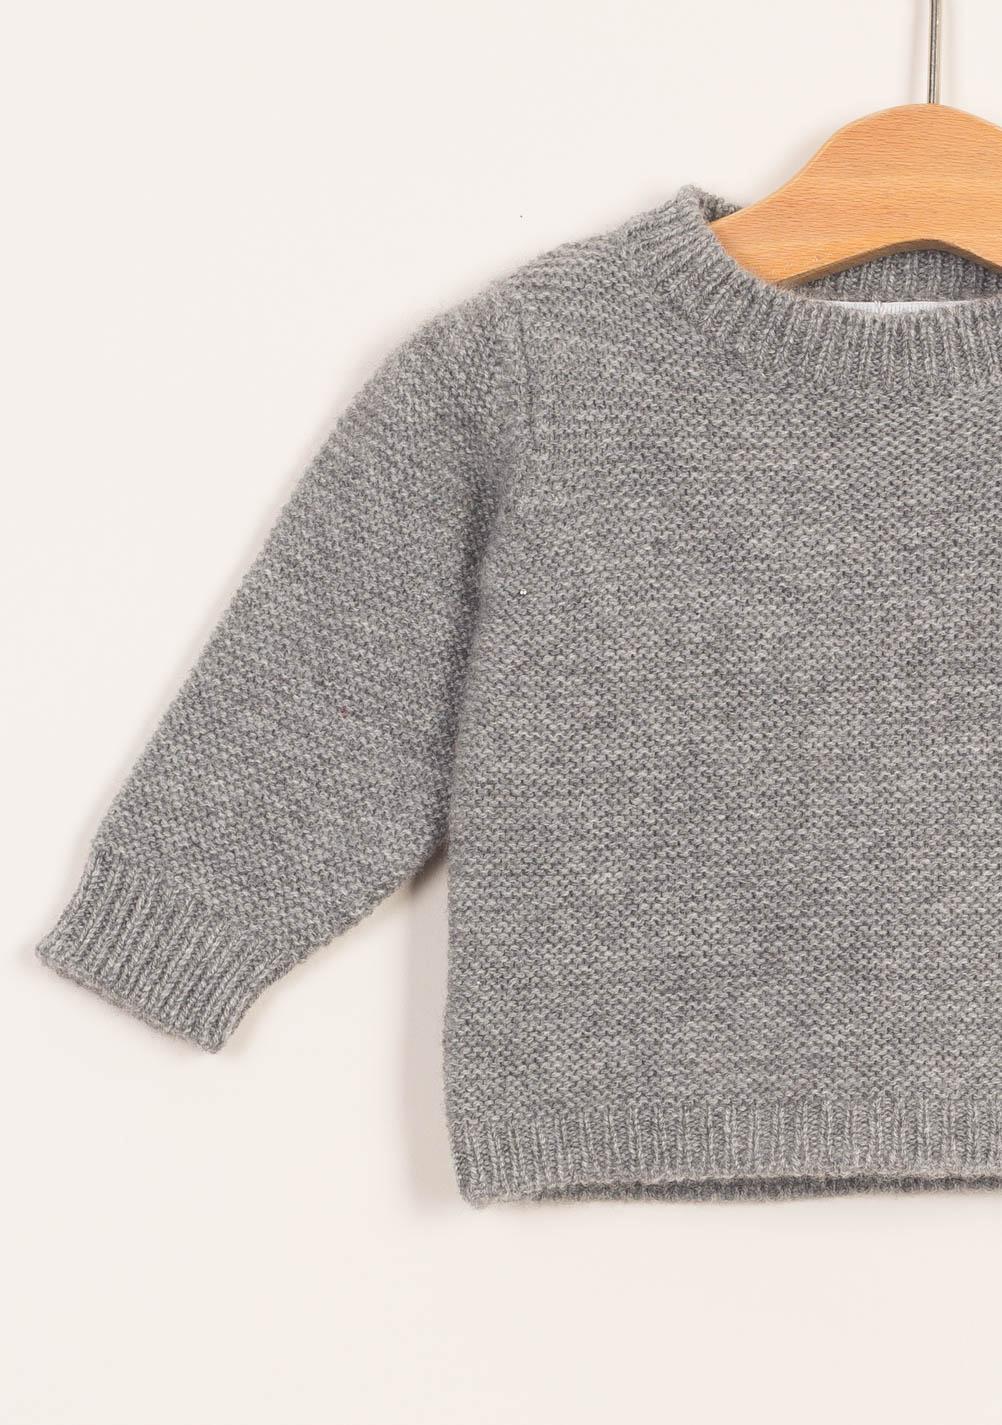 new products 463d3 33d5d FAGIOLINO CASHMERE - Pullover neonato in cashmere grigio ...